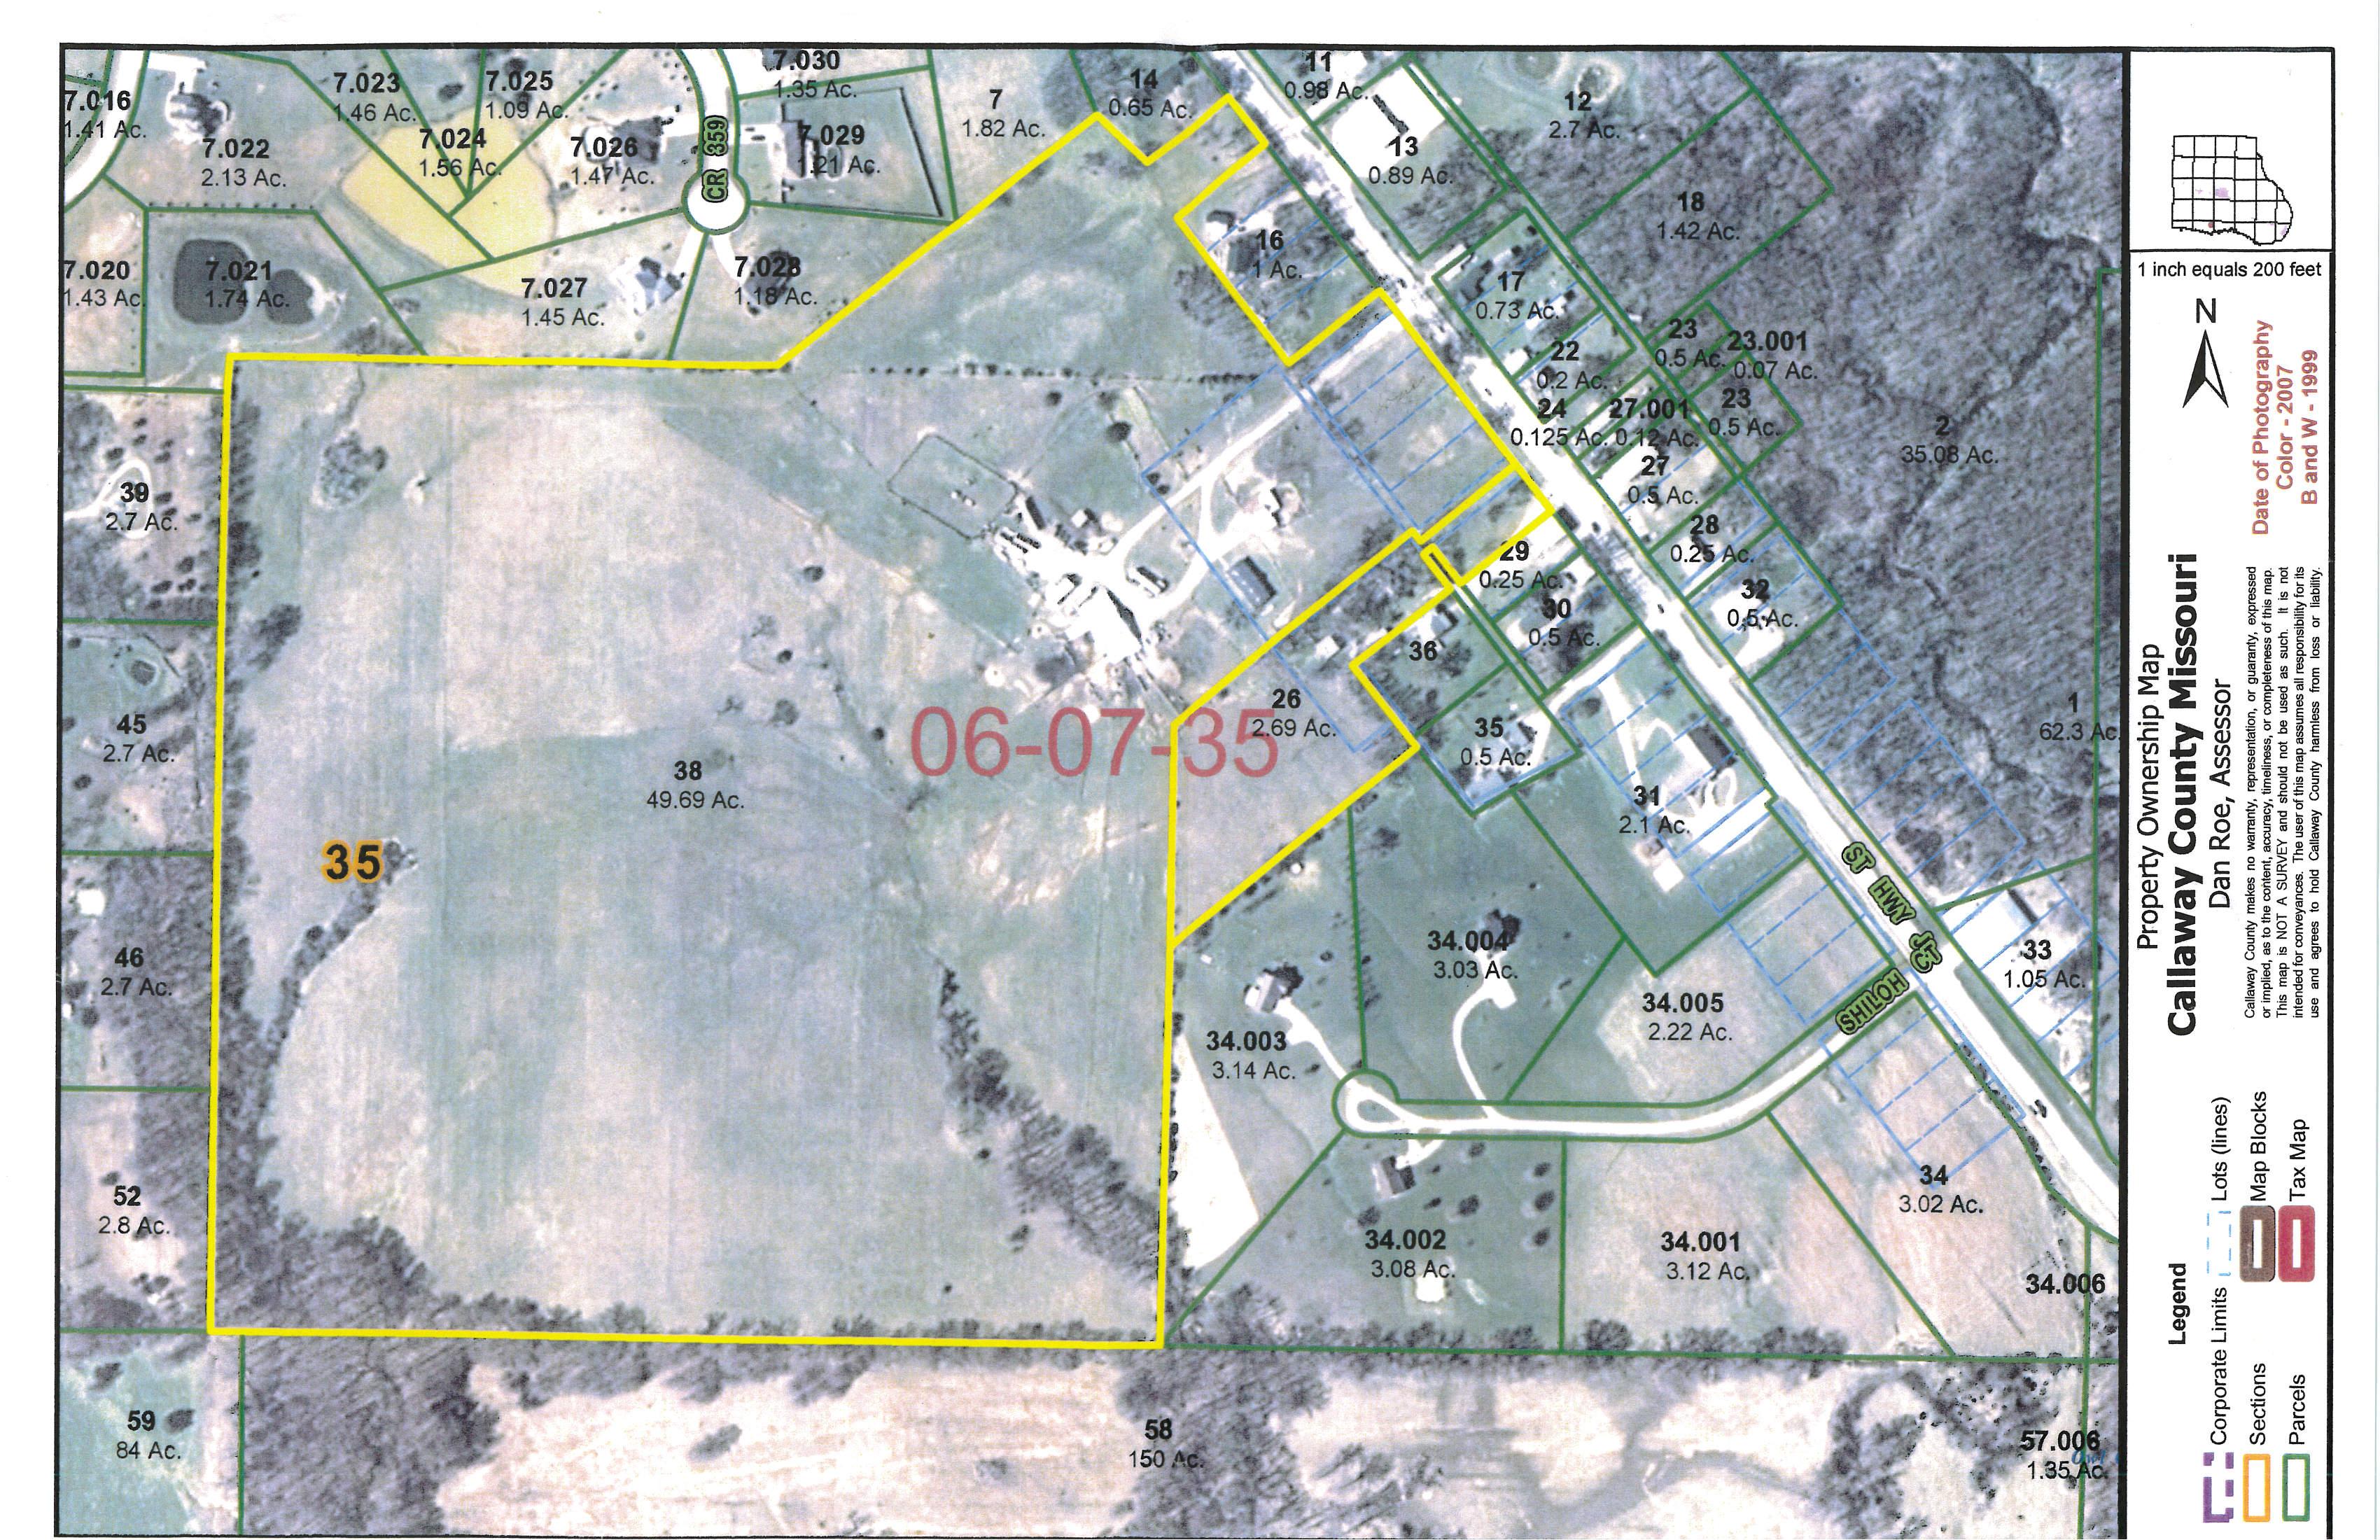 51.87 Acres in Callaway County, Missouri